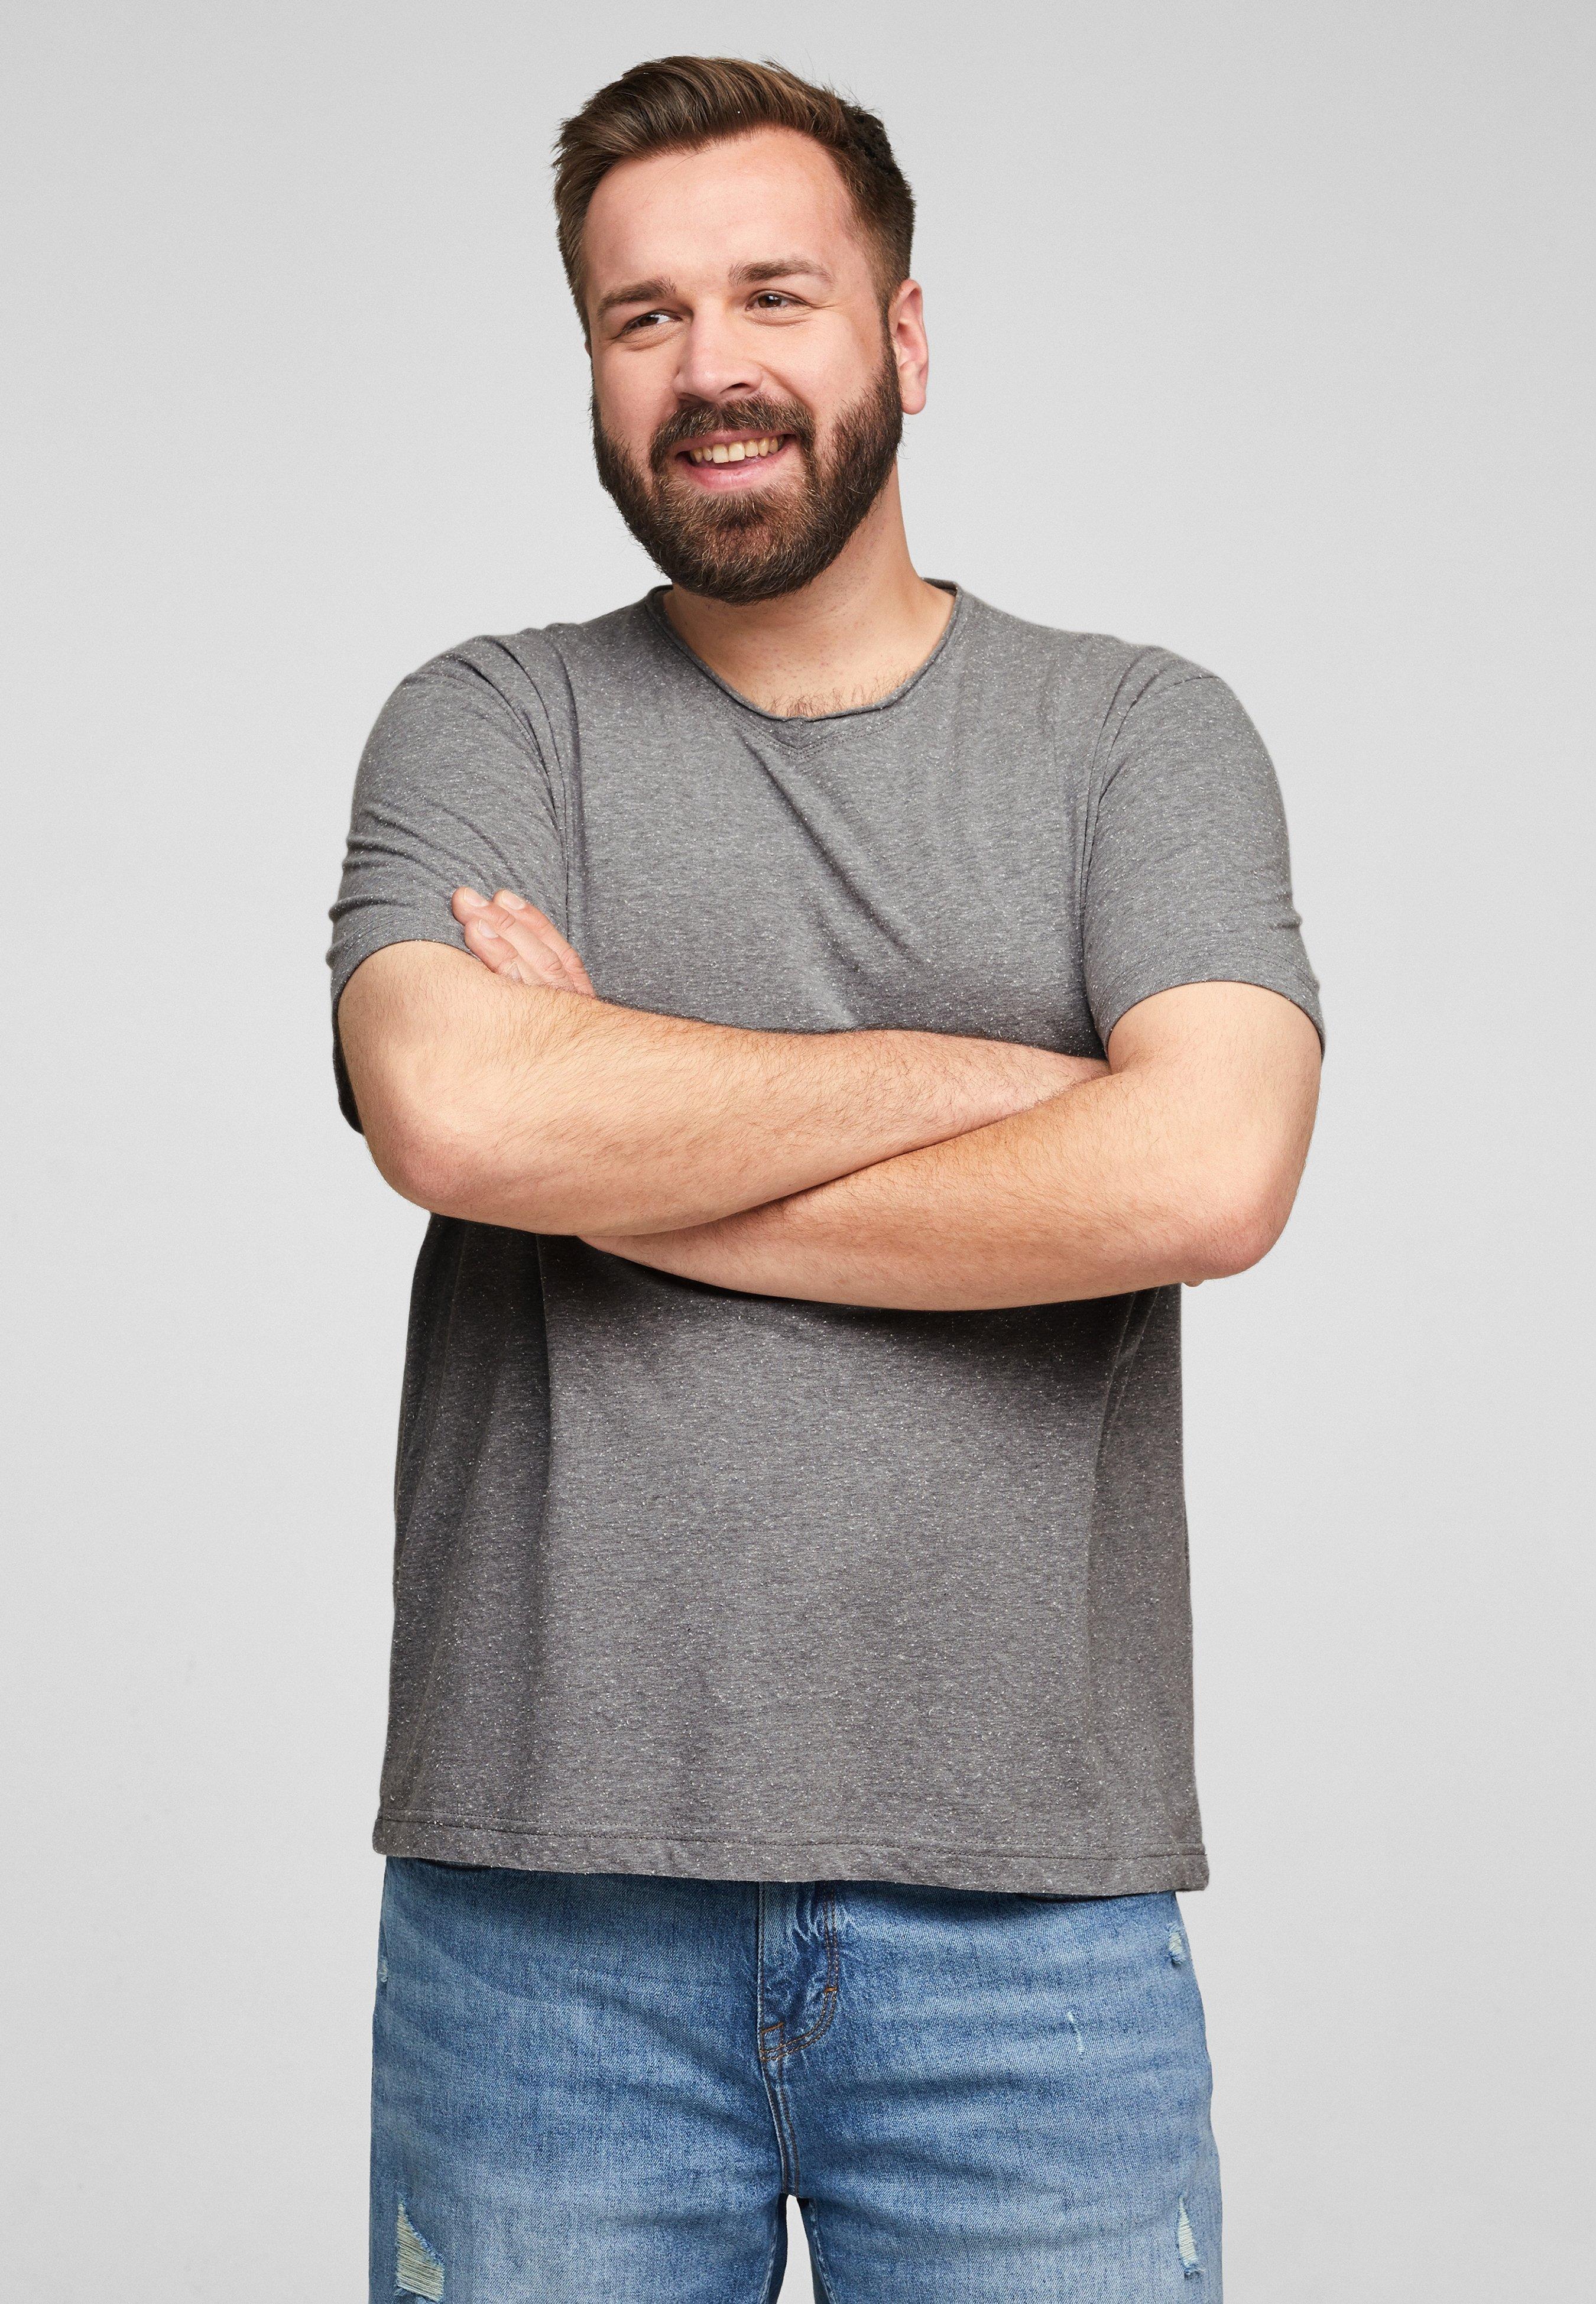 Homme CHINÉ À ENCOLURE EN V - T-shirt basique